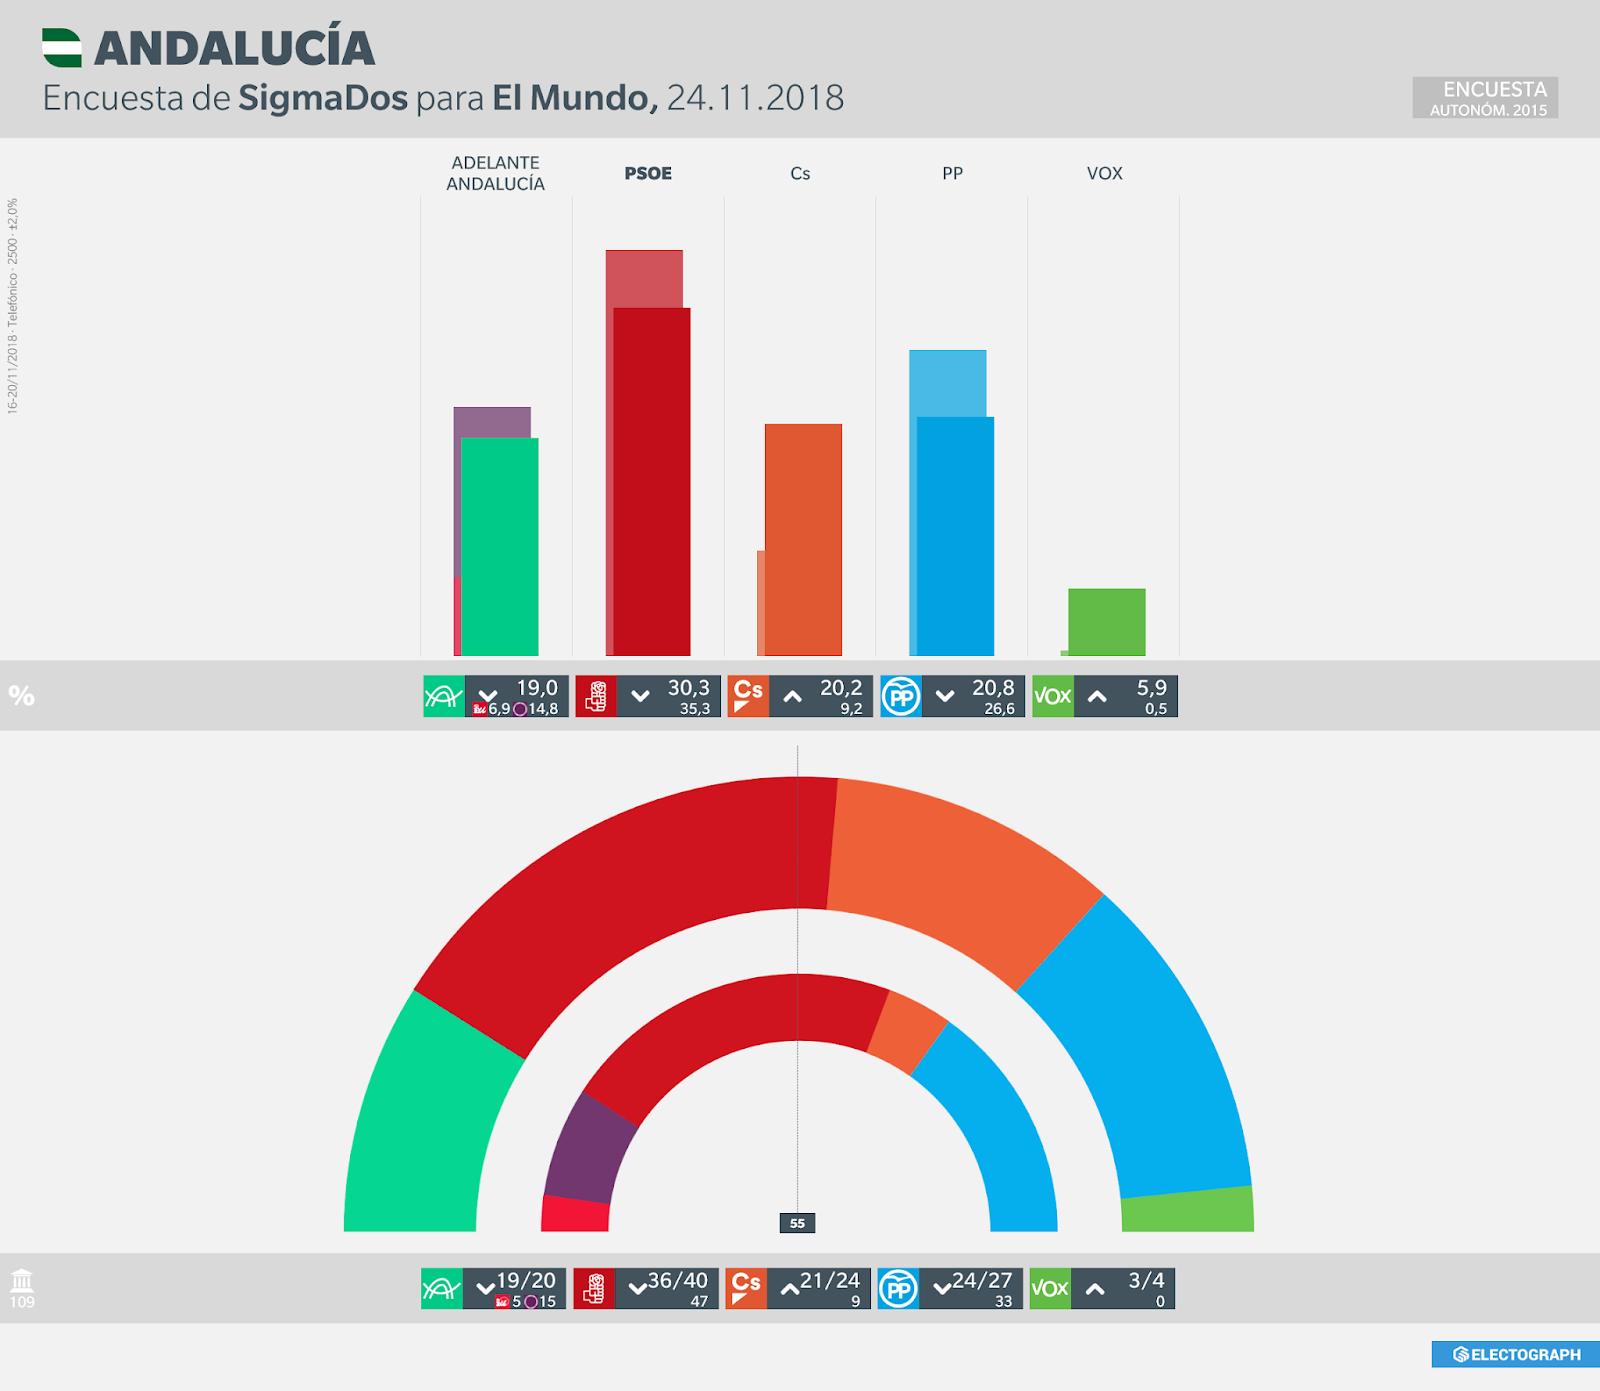 Gráfico de la encuesta para elecciones autonómicas en Andalucía realizada por SigmaDos para El Mundo en noviembre de 2018